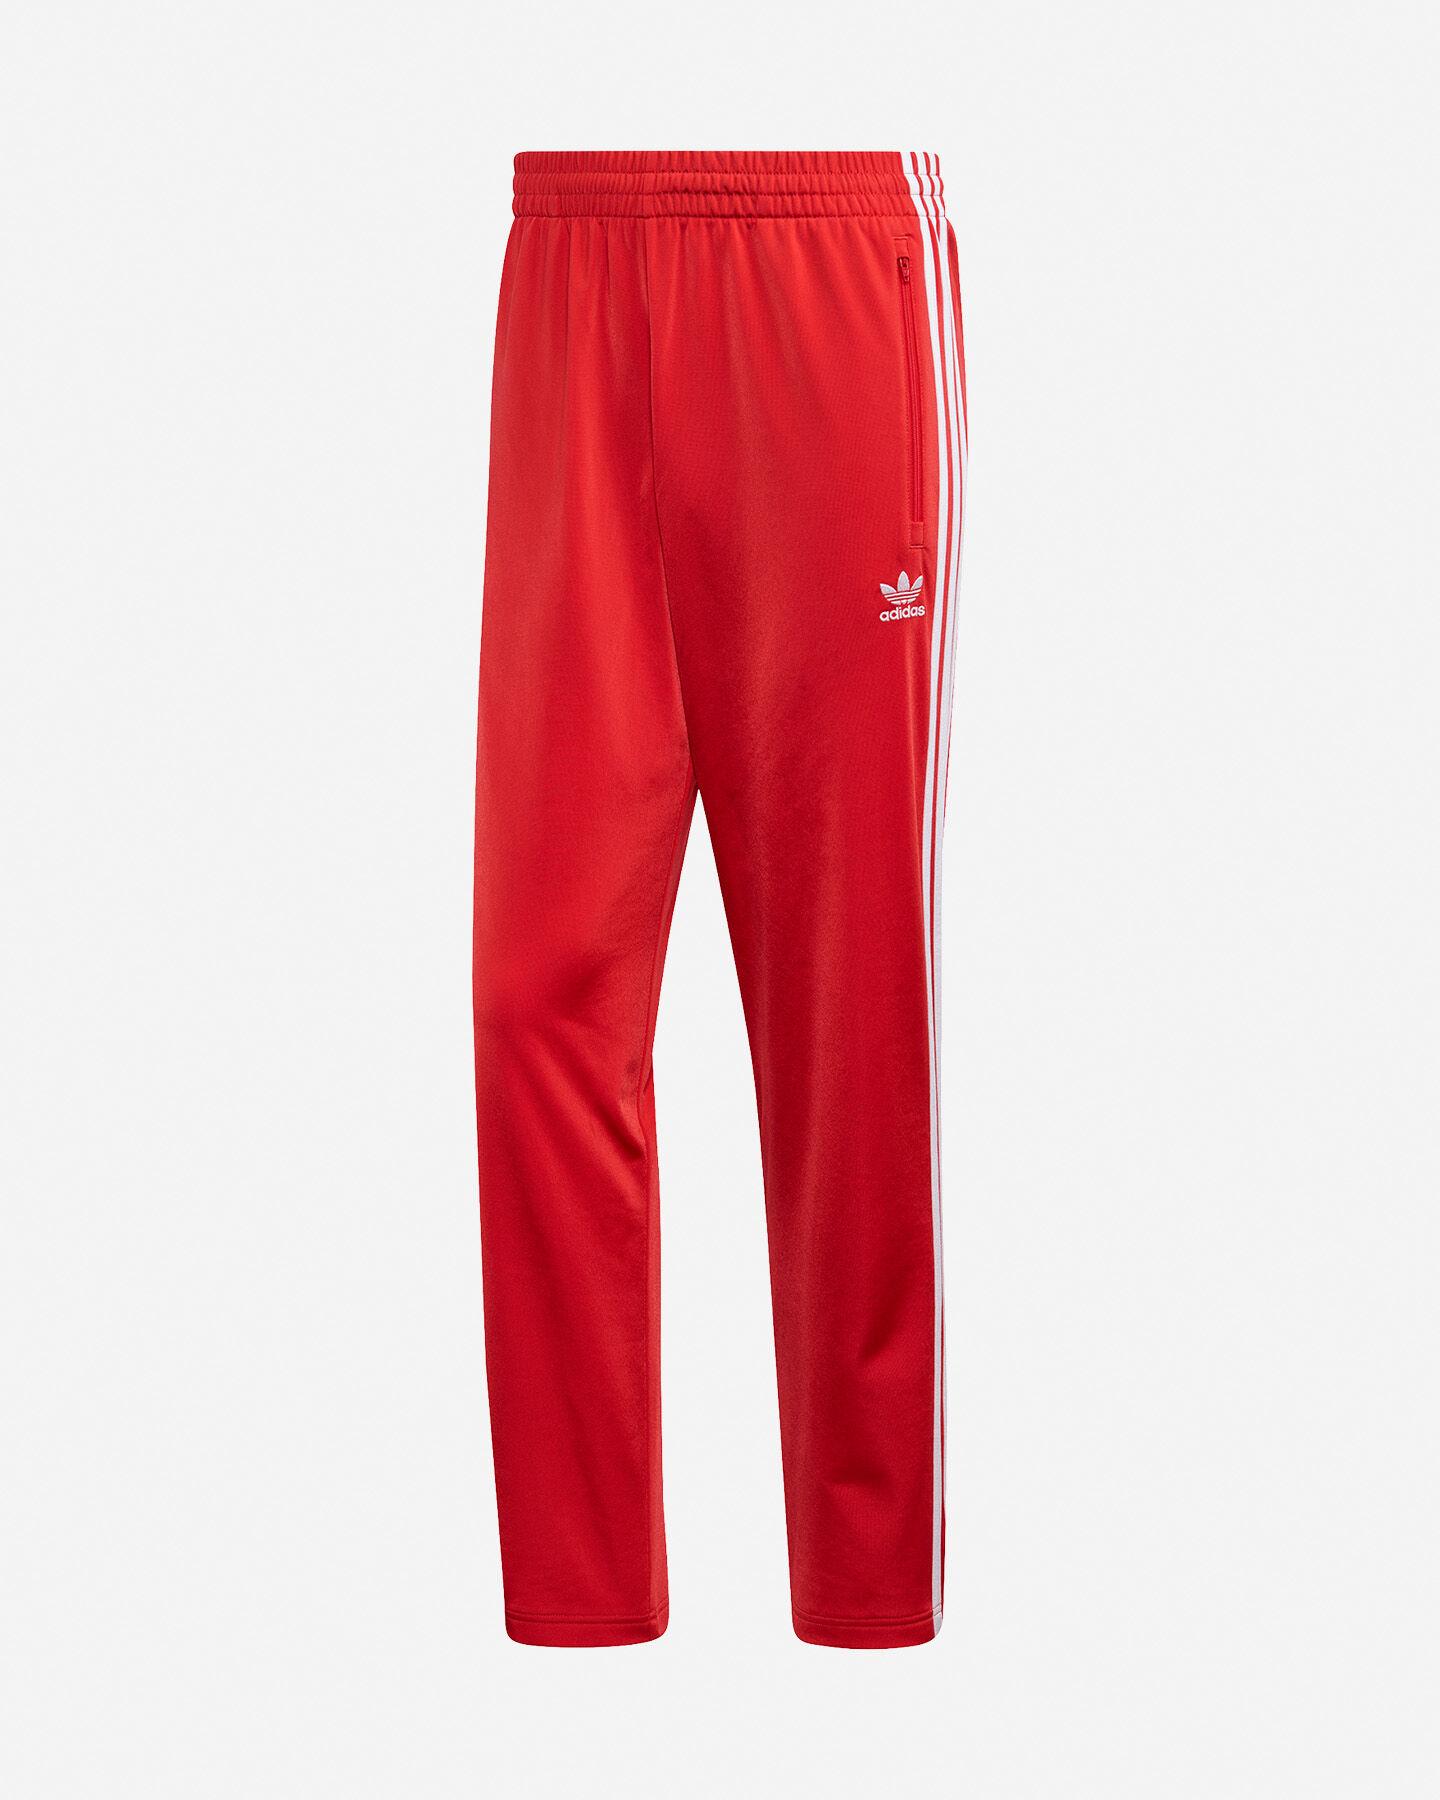 adidas pantaloni firebird